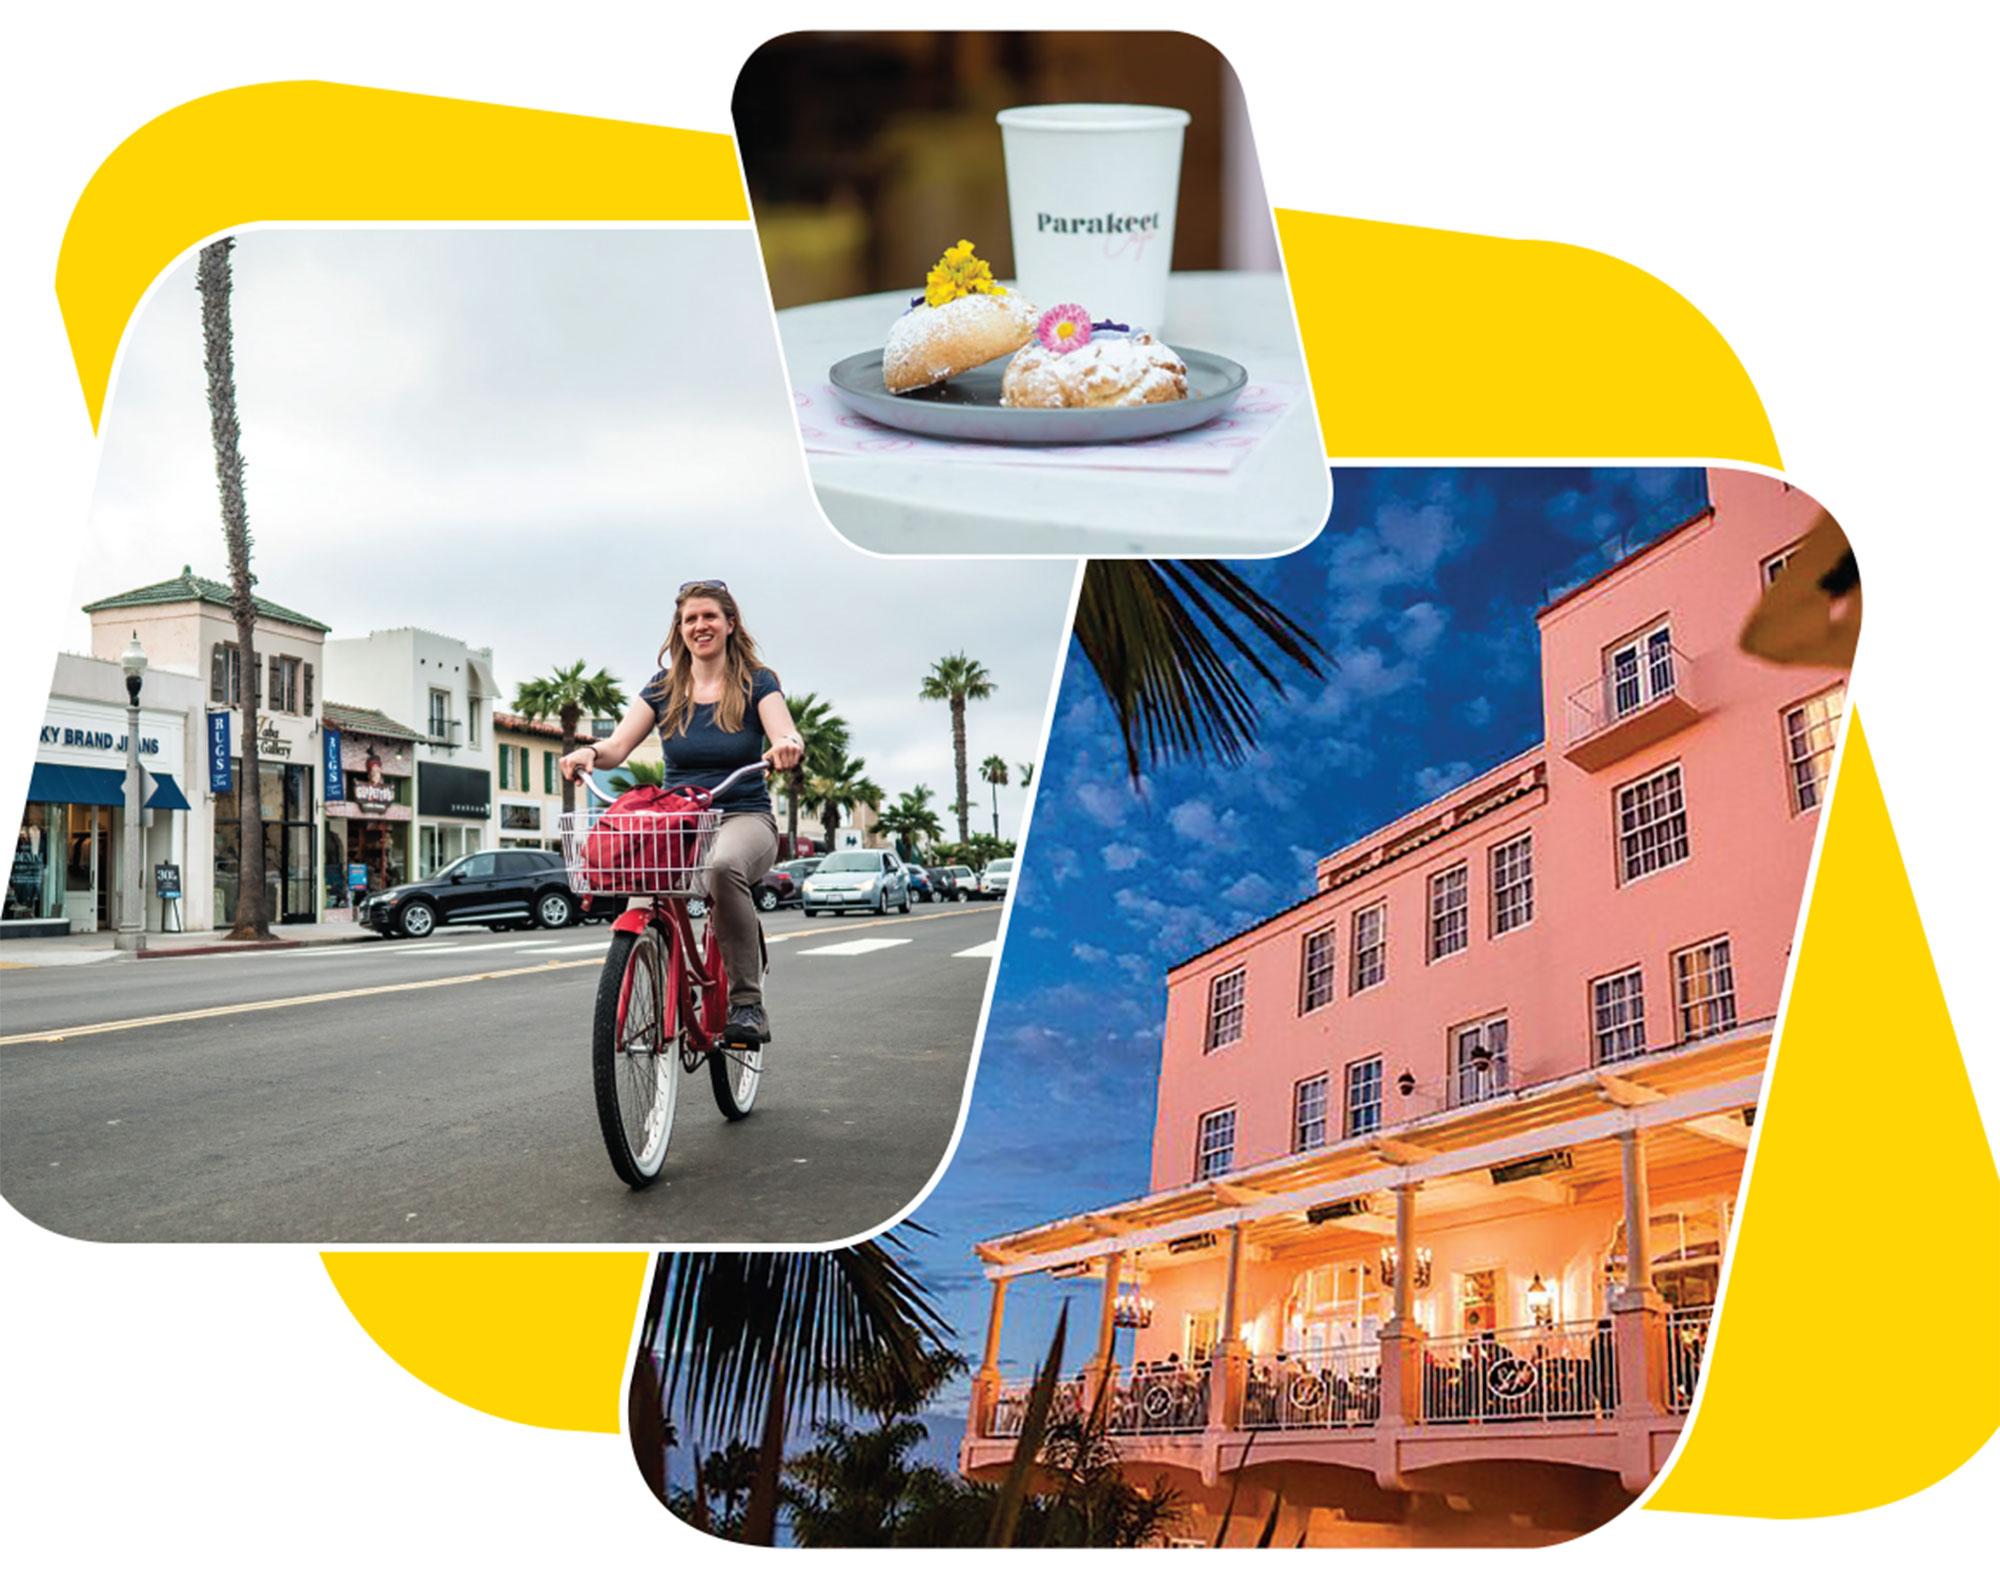 Left to right: Biking in La Jolla; offerings at Parakeet Café; La Valencia Hotel at dusk